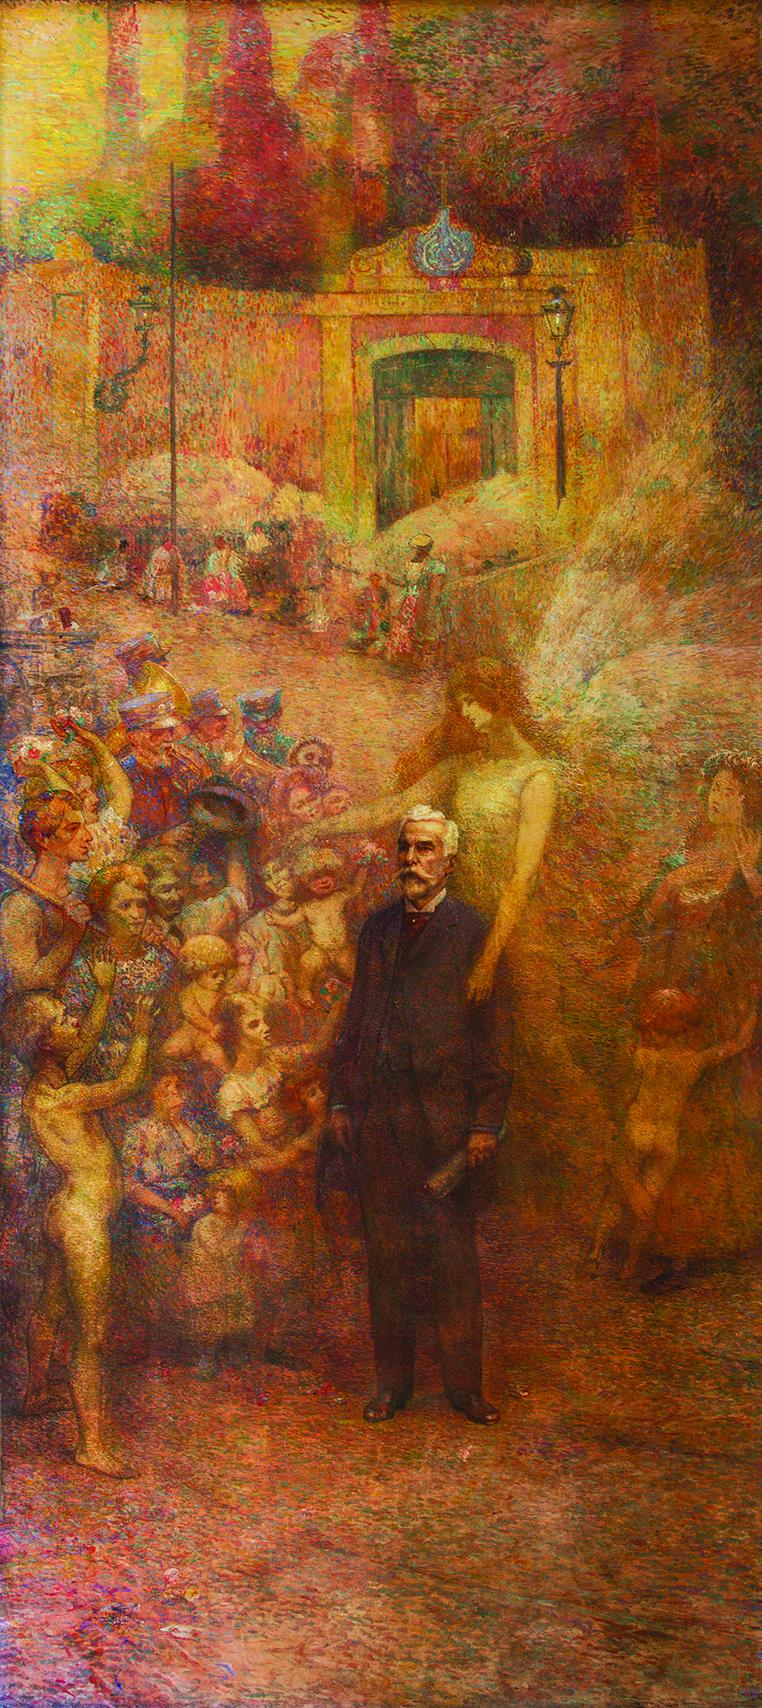 DEVERES DA CIDADE (PAINEL DIREITO DO TRÍPTICO) - PEREIRA PASSOS - OST - 5,00 x 2,15 m - 1923 - PALÁCIO PEDRO ERNESTO - RIO DE JANEIRO/RJ